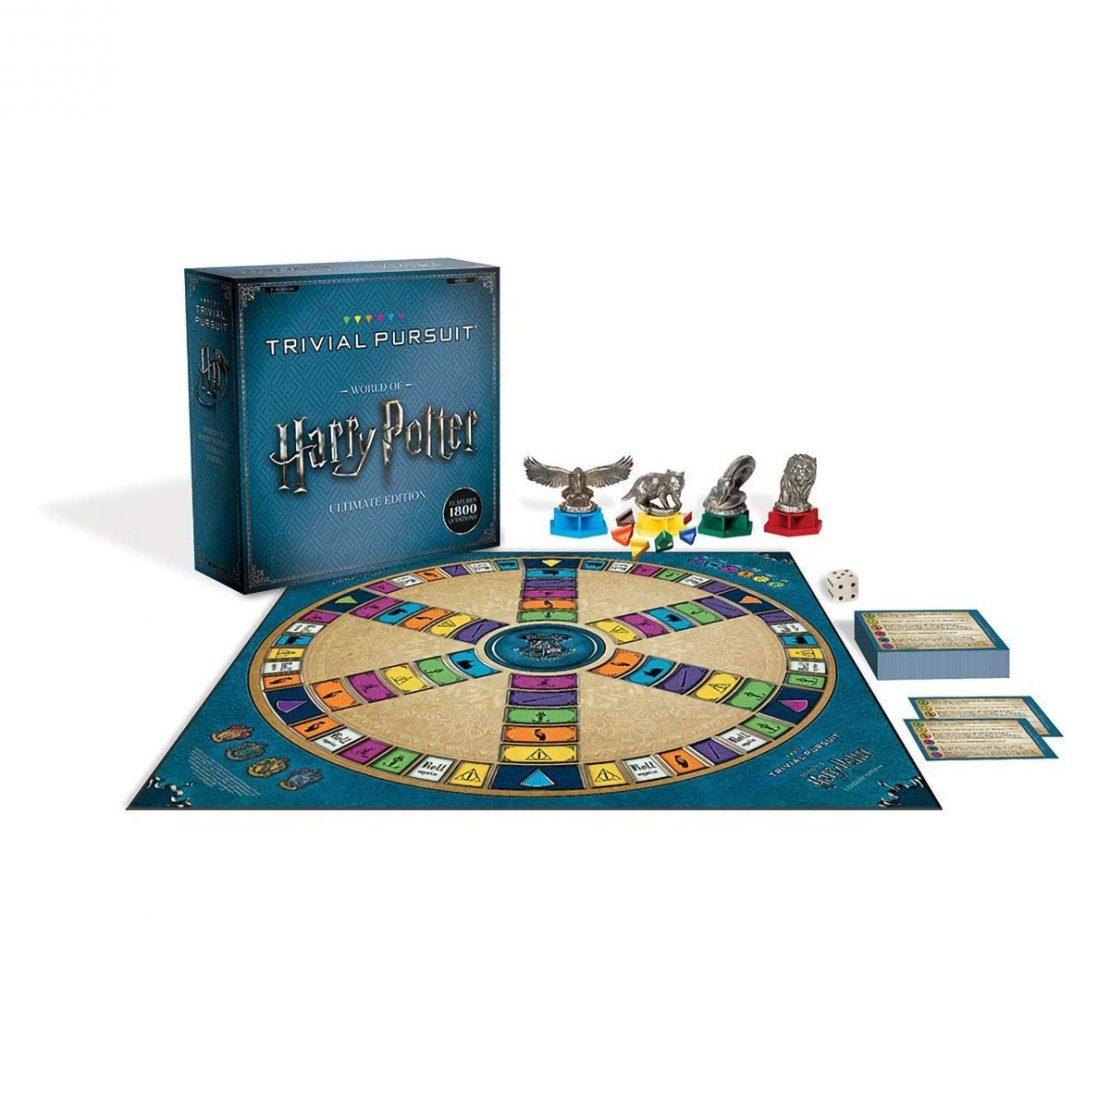 Harry Potter Trivial Pursuit Contents